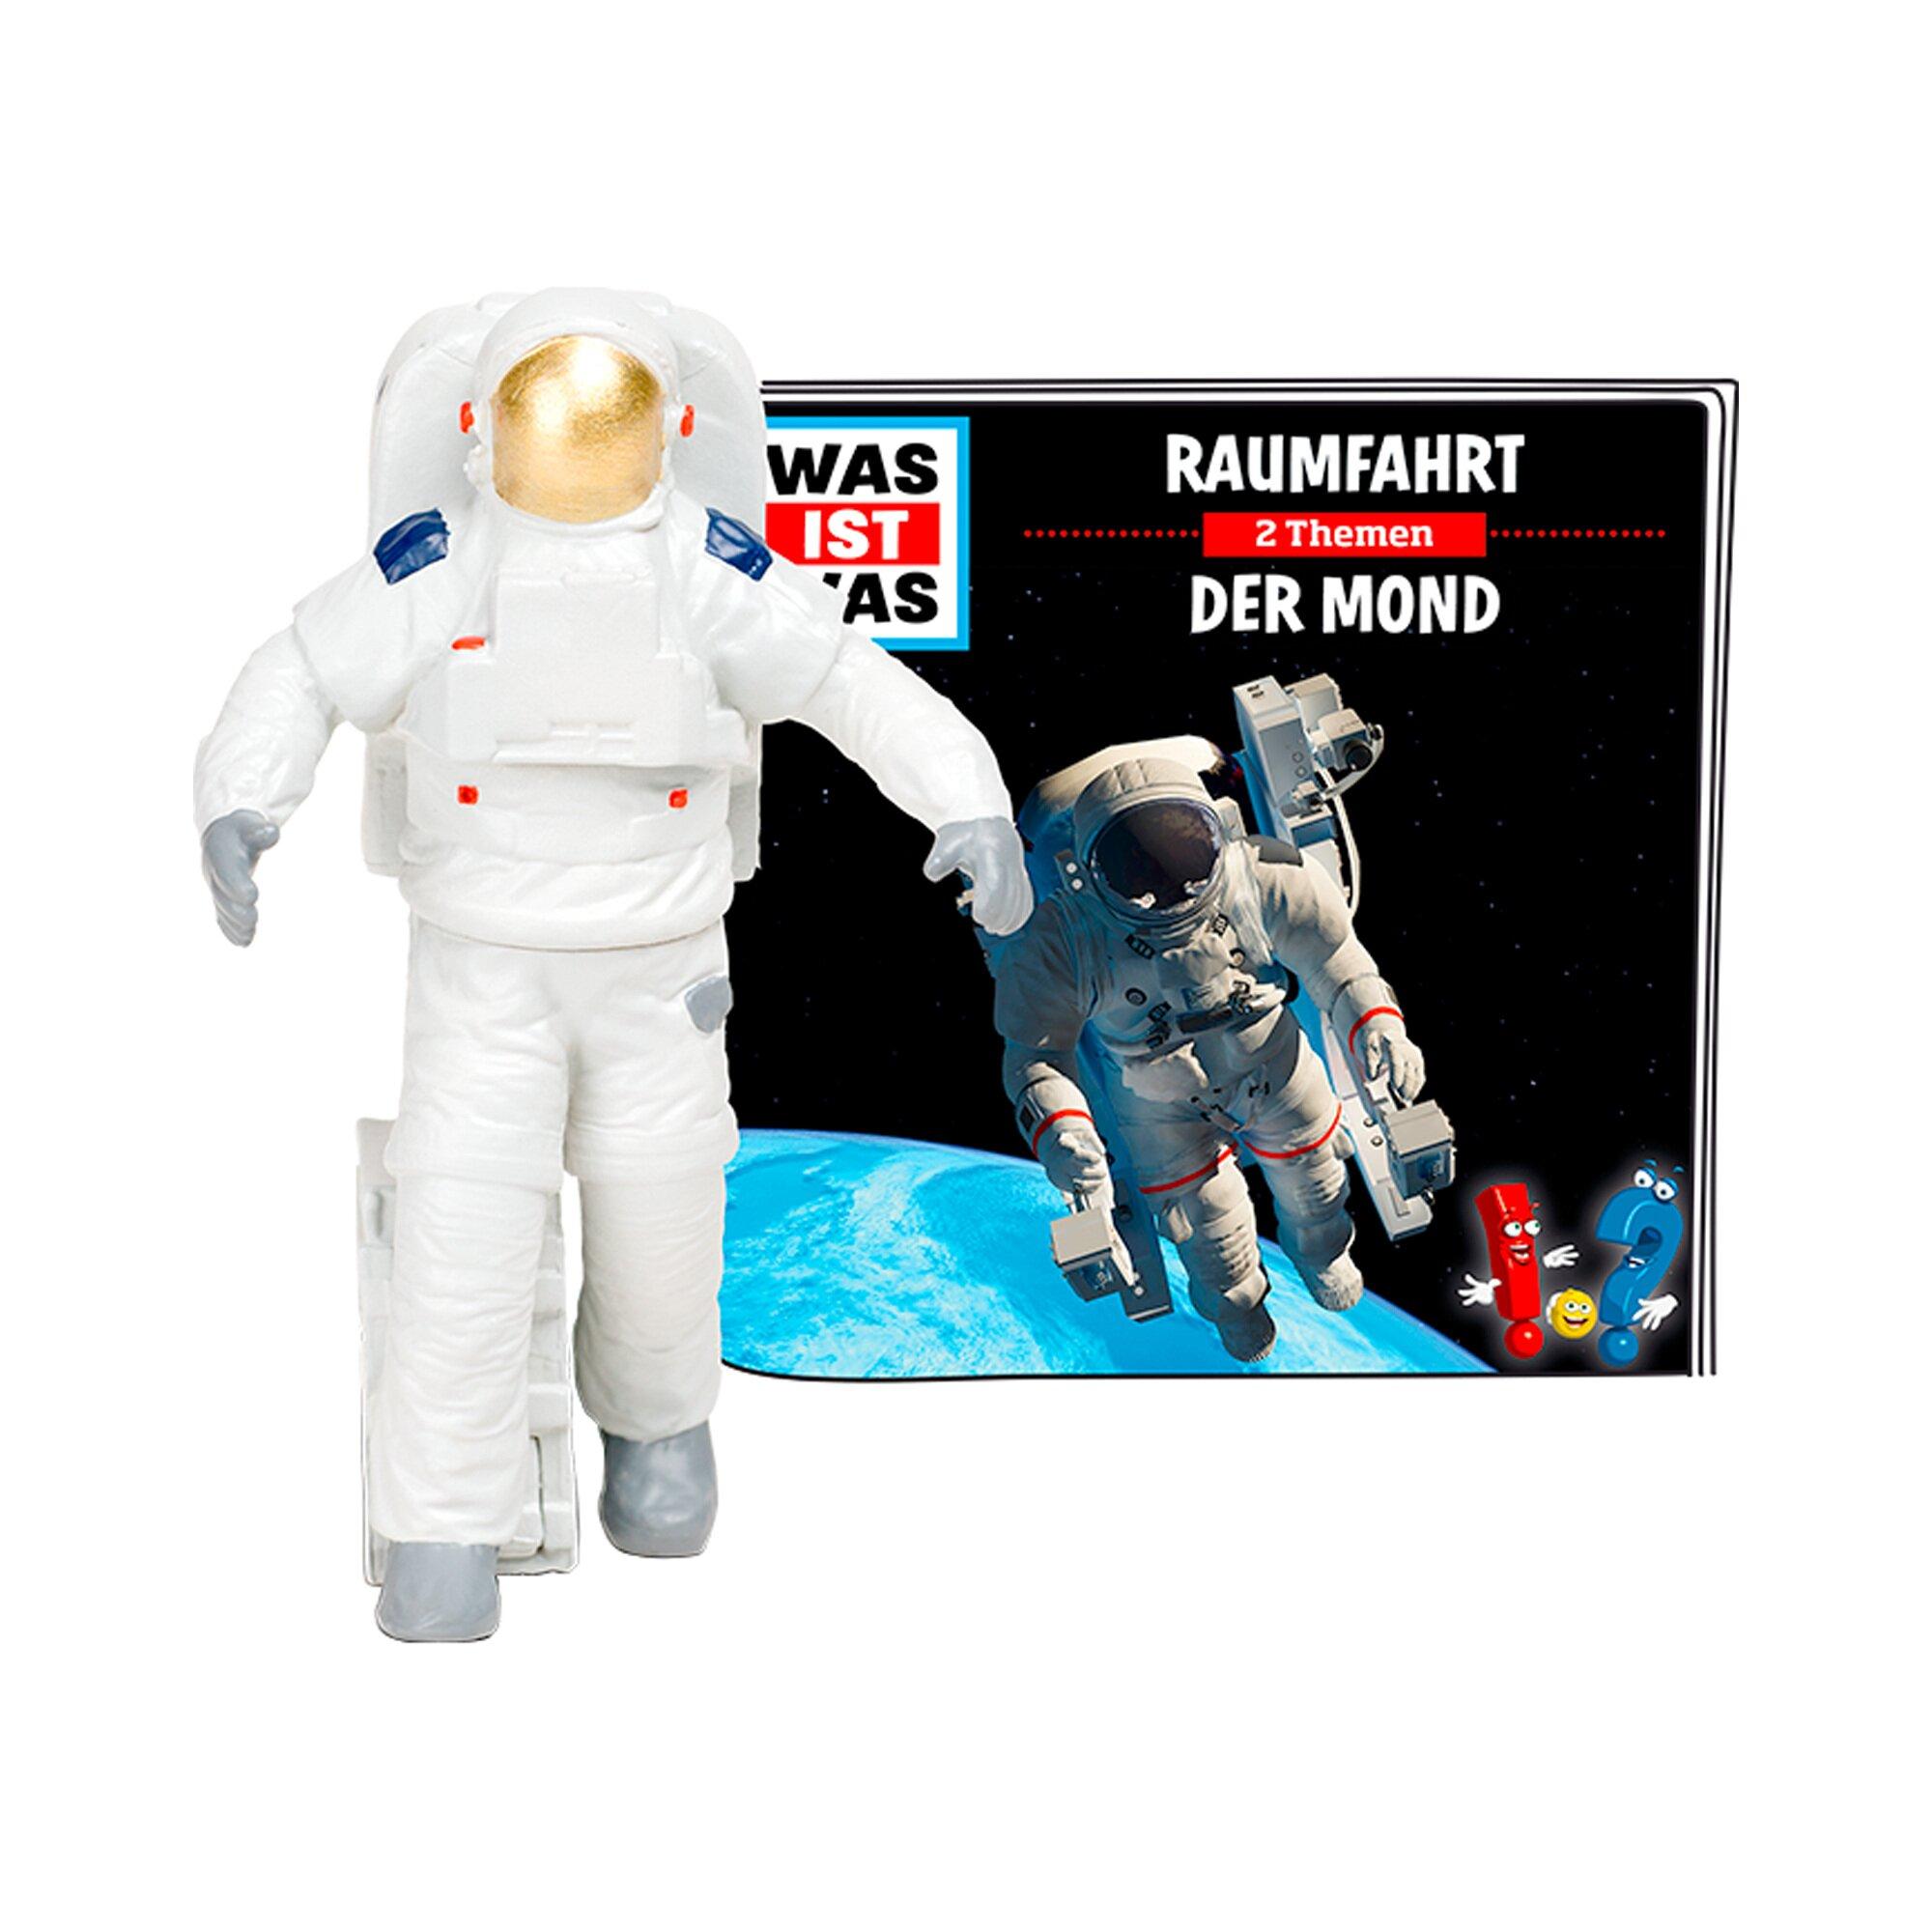 Tonies Tonie Hörfigur WAS IST WAS - Raumfahrt / Der Mond